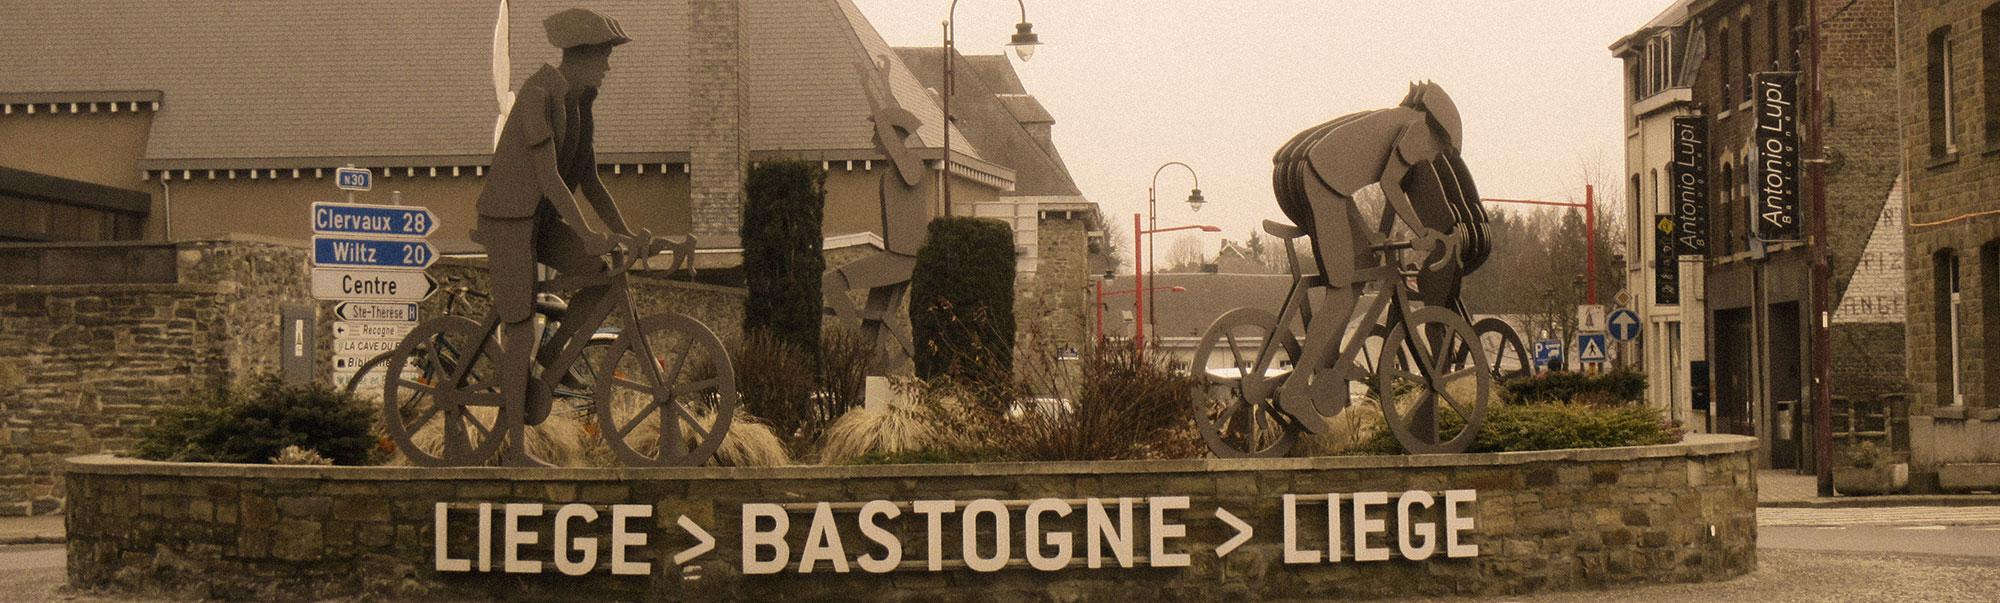 Speciaalbier voor Luik-Bastenaken-Luik